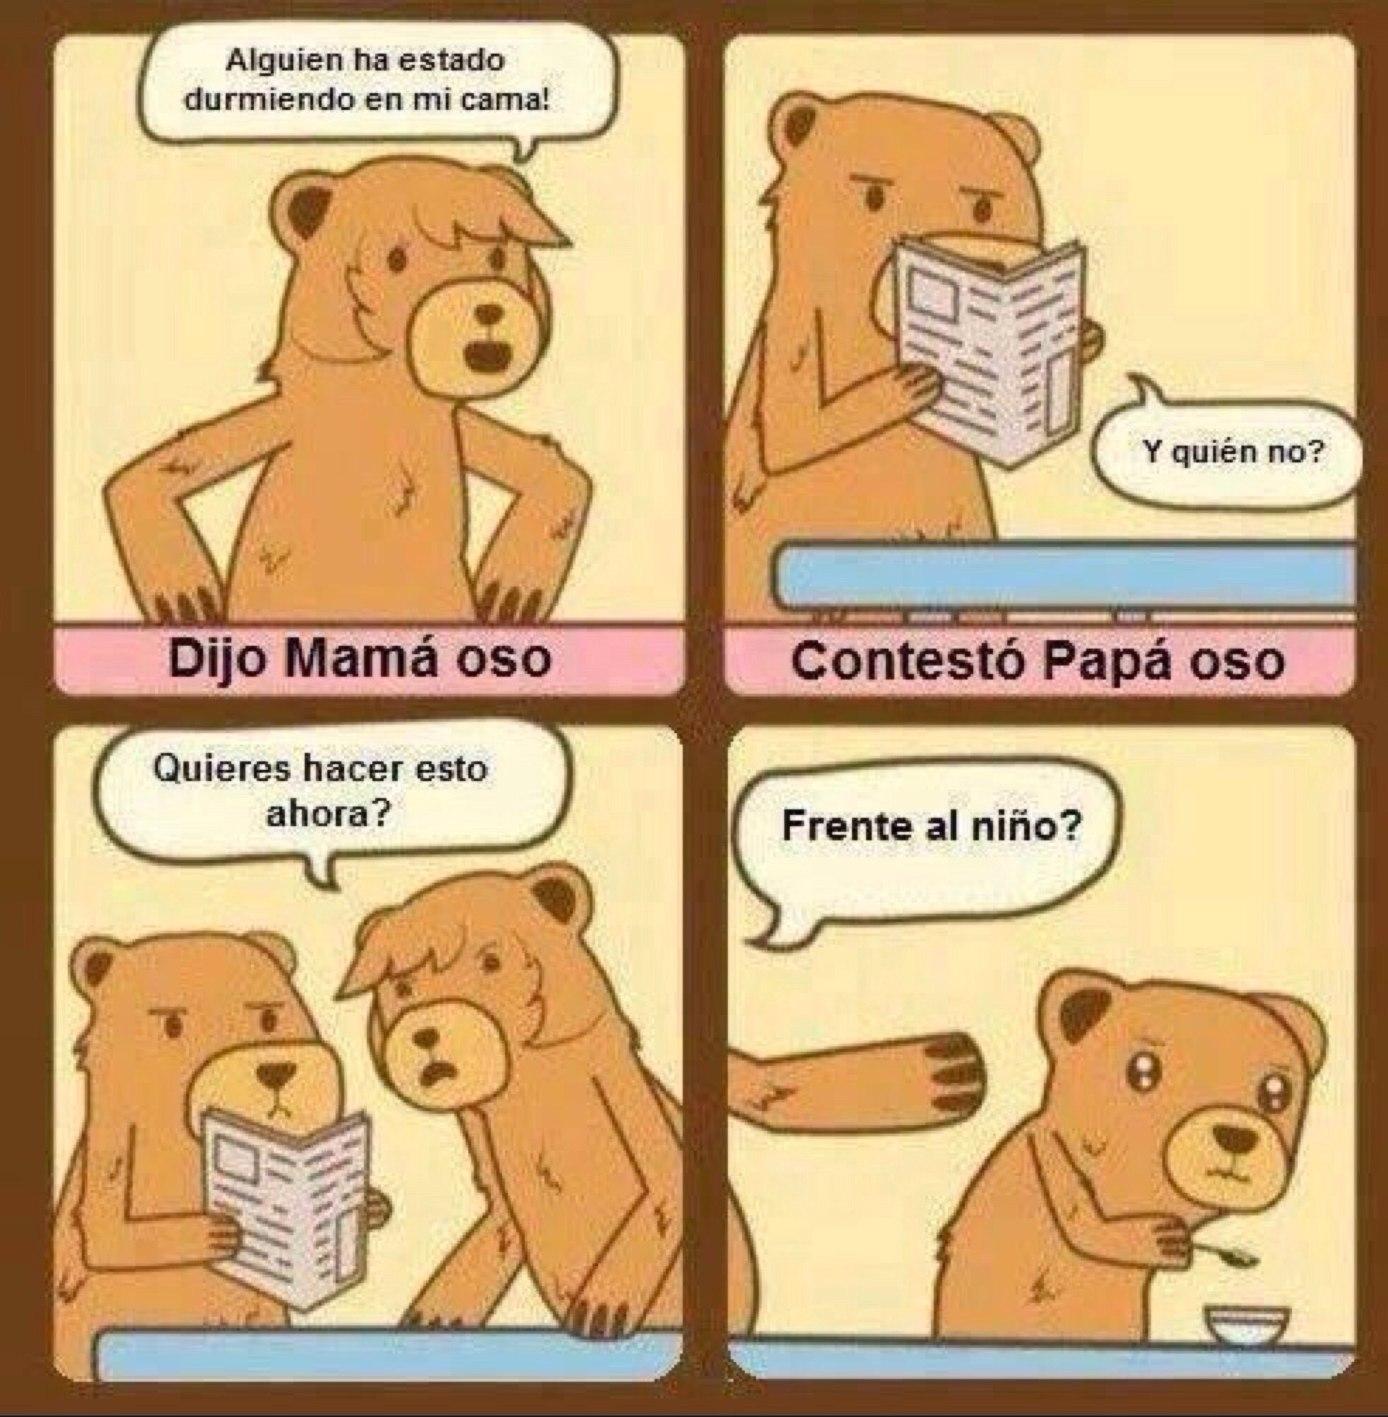 osos - meme